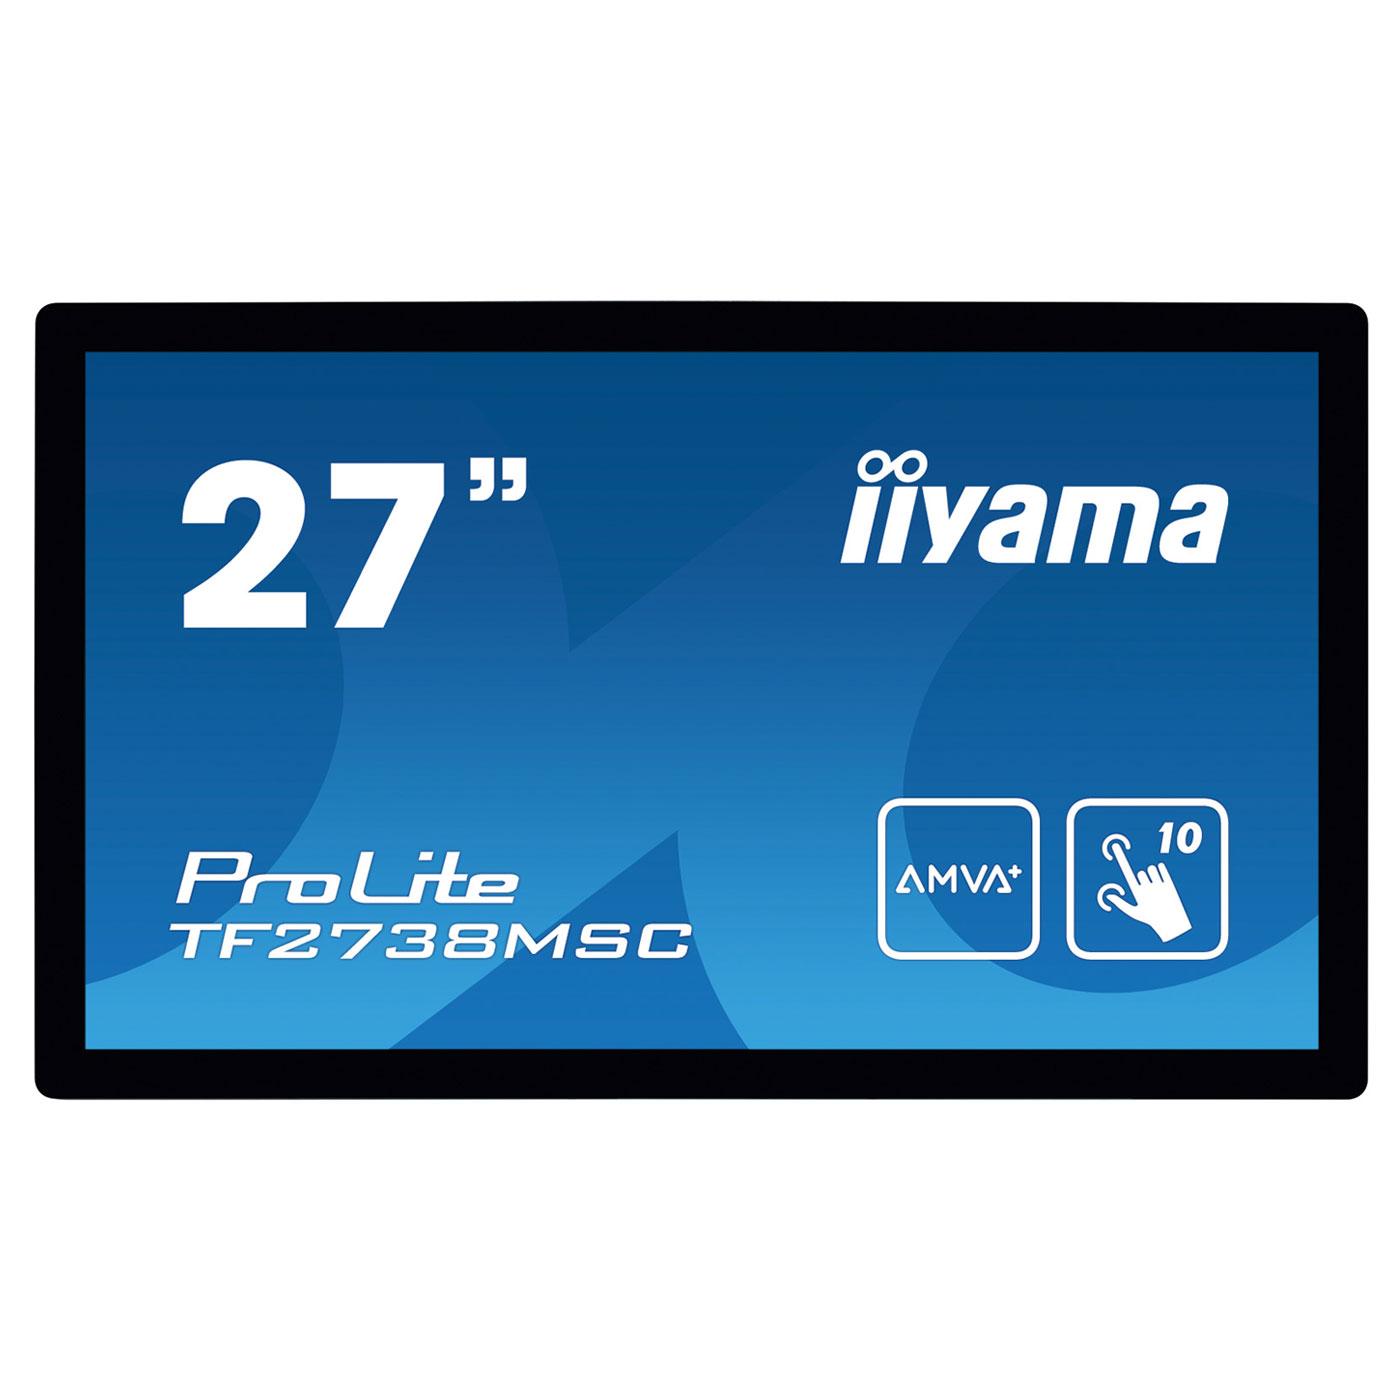 iiyama 27 led tactile prolite tf2738msc b1 tf2738msc. Black Bedroom Furniture Sets. Home Design Ideas